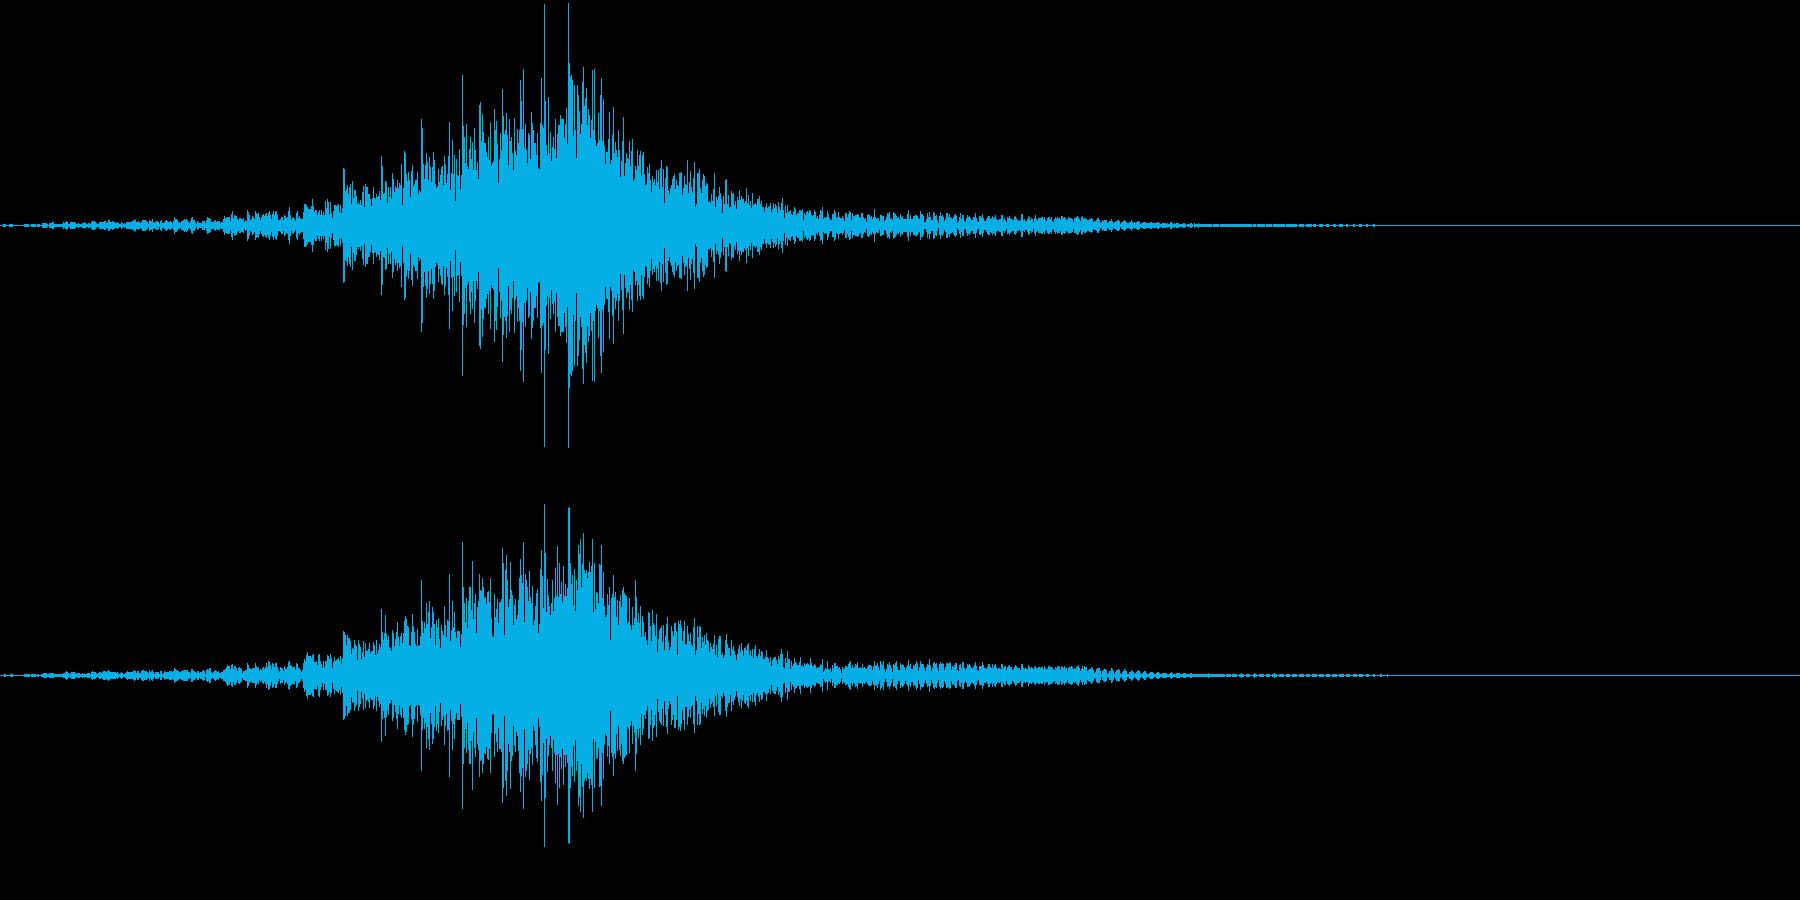 重低音ティンパニのロール トレモロの再生済みの波形